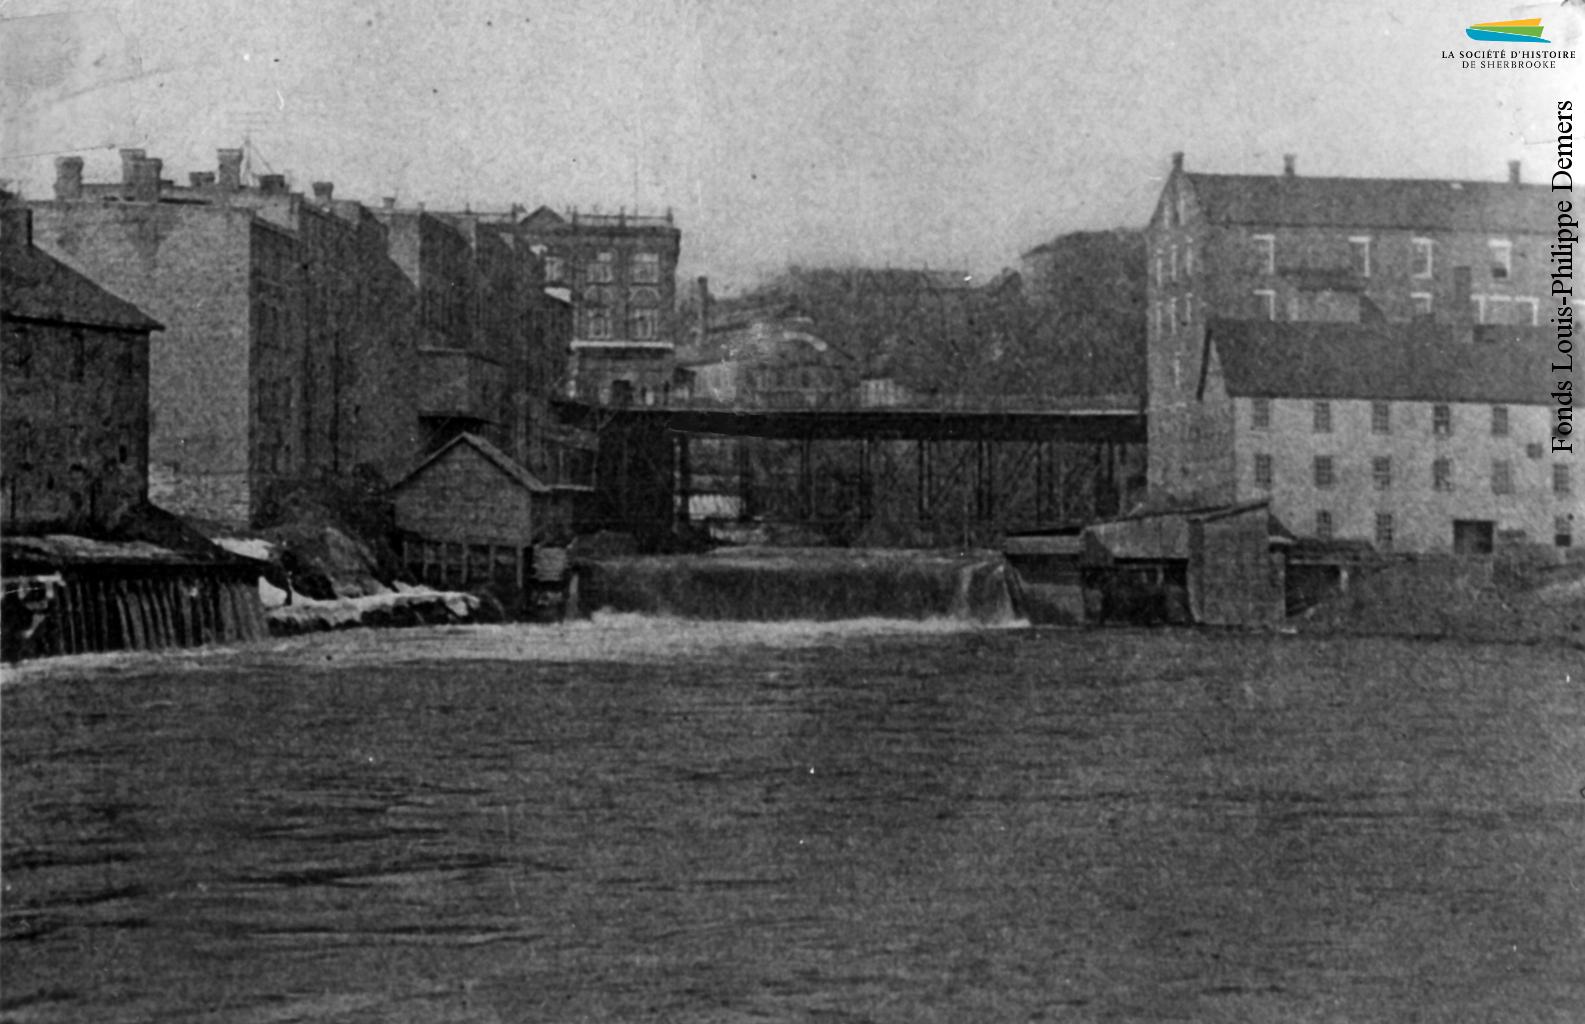 Le site du confluent vers 1898, avec le pont Gilbert-Hyatt et la rue Dufferin. L'usine Sherbrooke Iron Works est située dans le bâtiment blanc à l'avant-plan à droite. Elle y reste jusqu'en 1912.